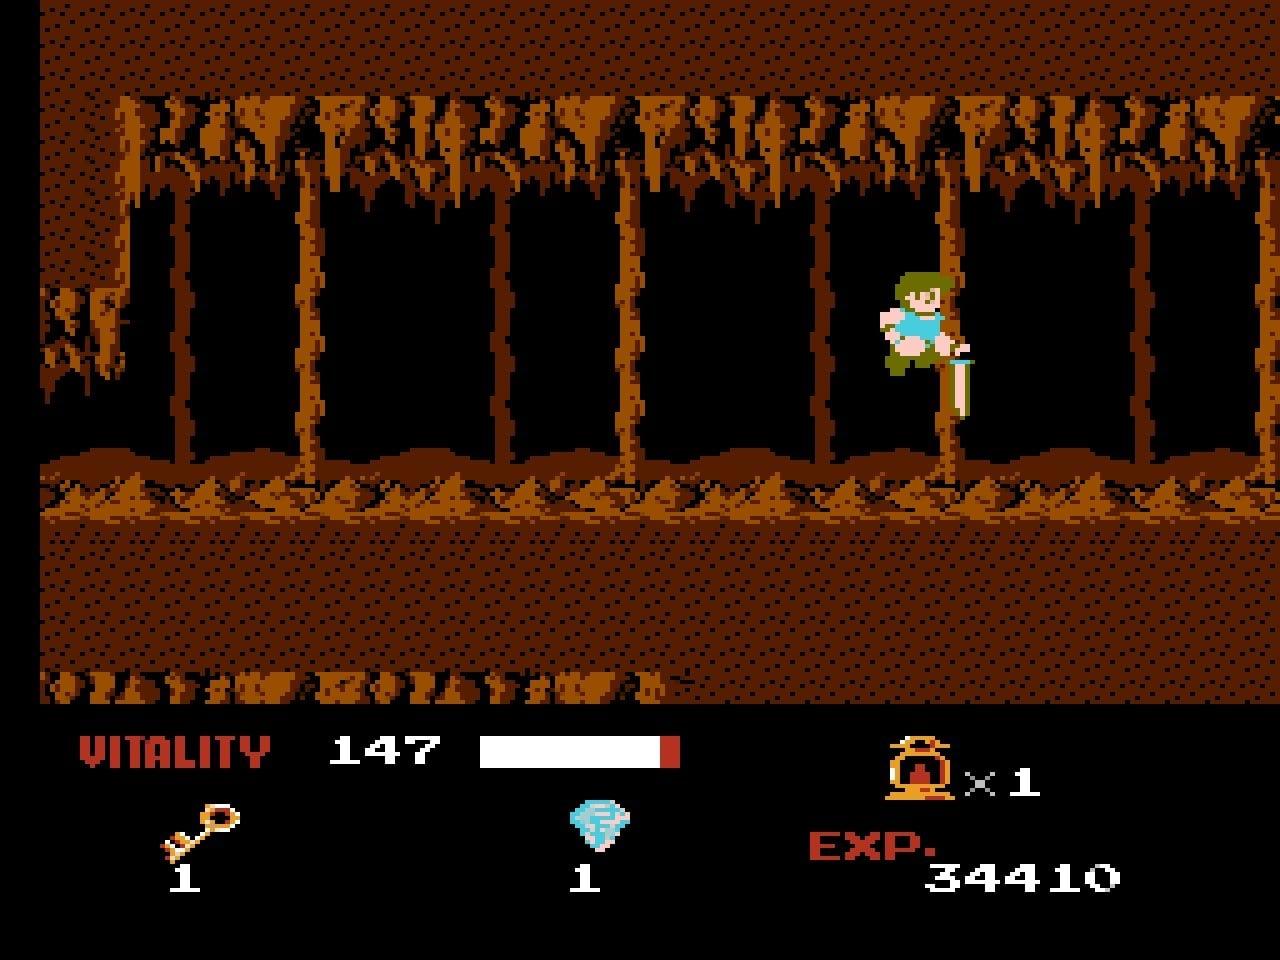 ファミコン版『ドラゴンバスター』金色に輝くカセットに詰まった「2段ジャンプ」「兜割り」習得の記憶の画像003